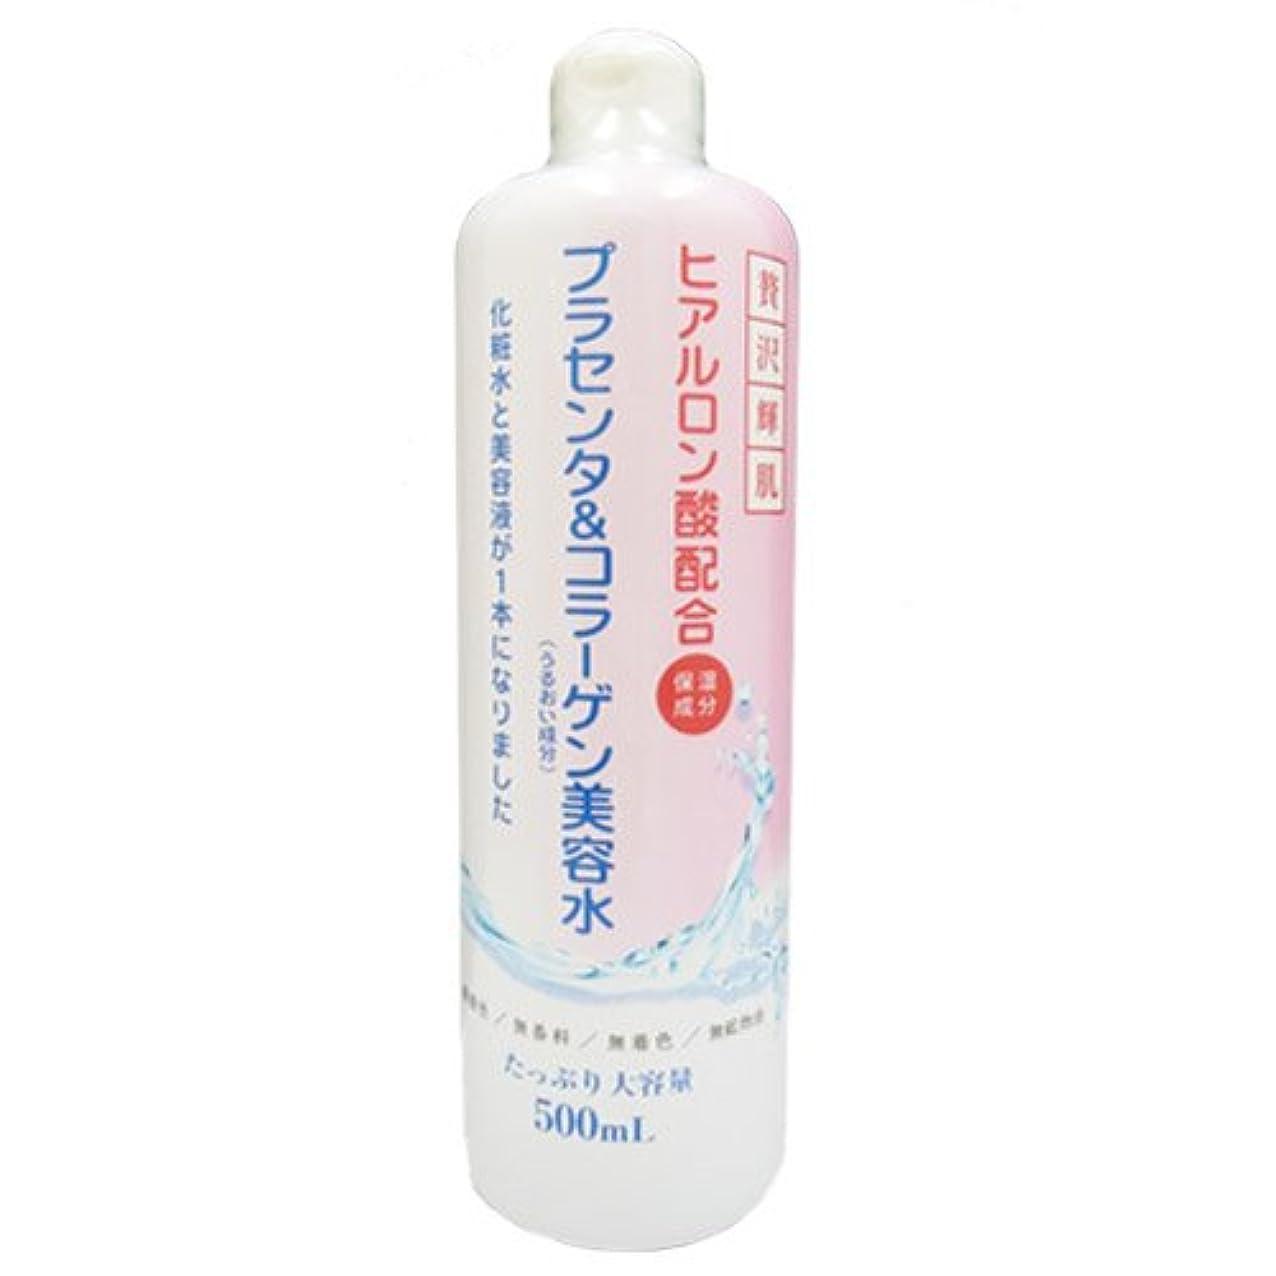 戦術ゴミ箱バー贅沢輝肌プラセンタ&コラーゲン500ml